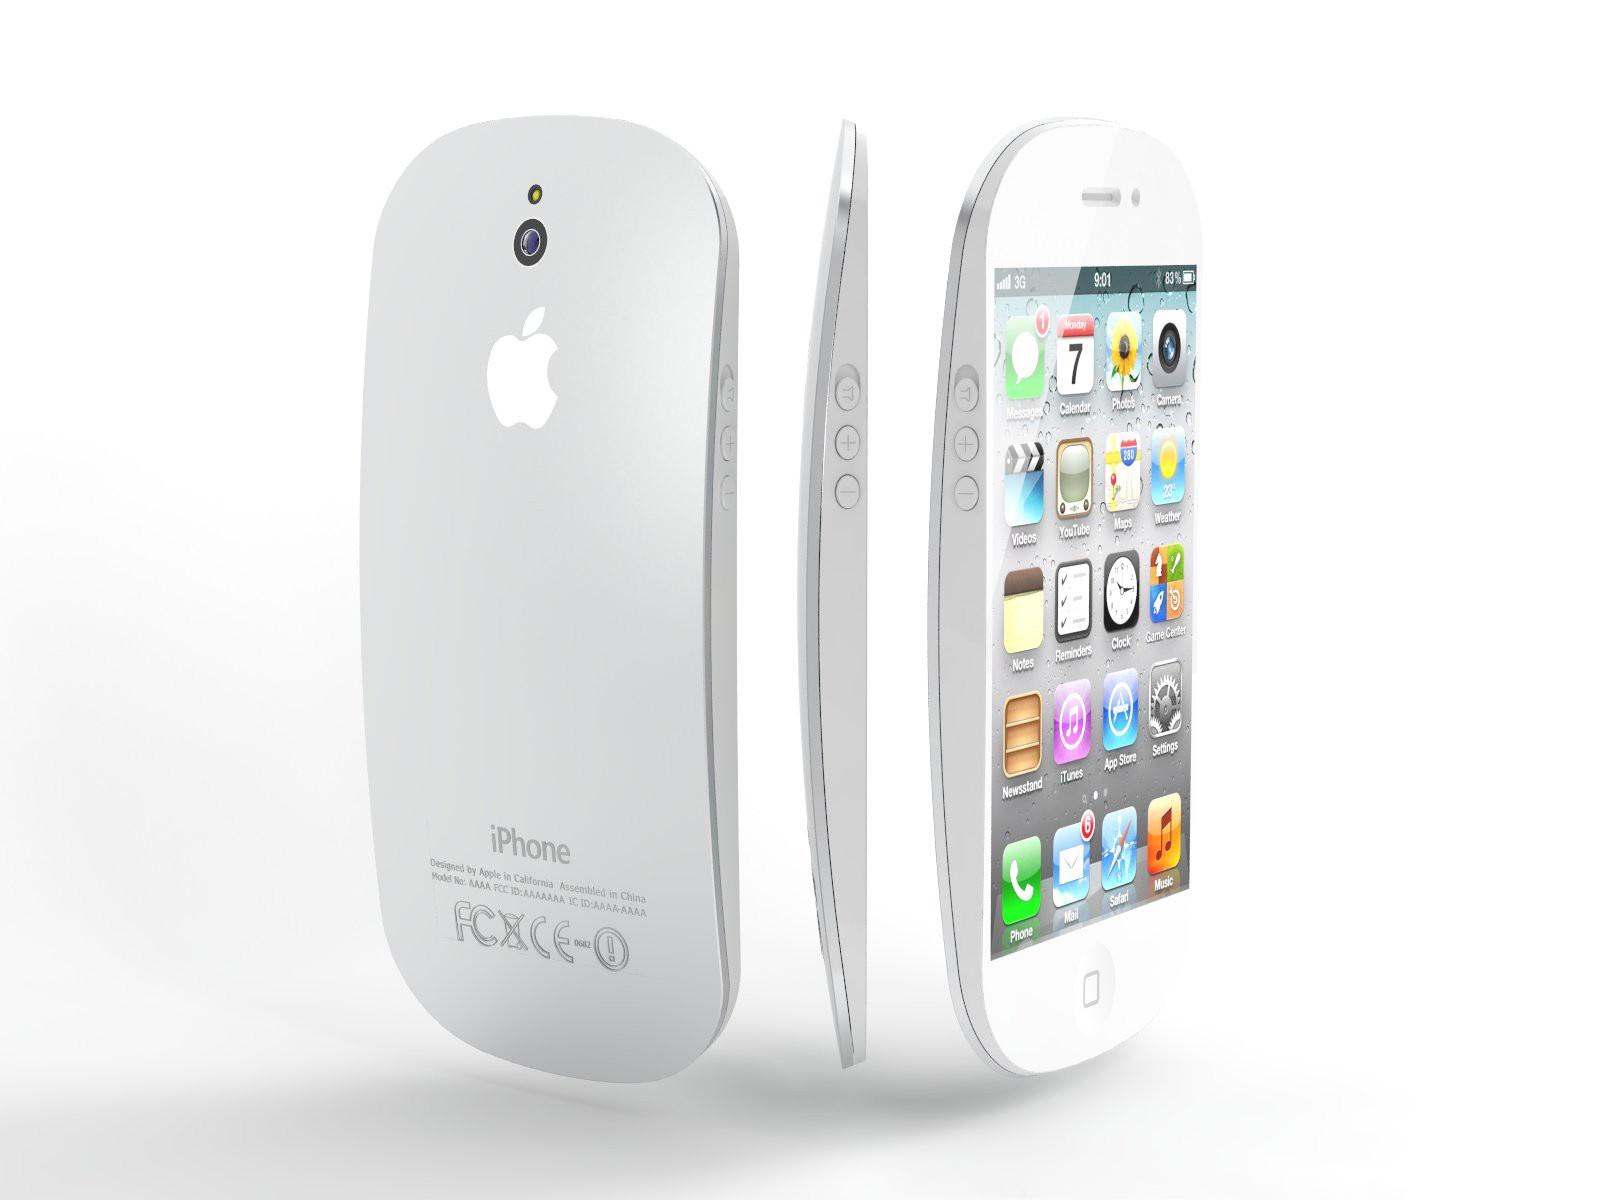 А какой iPhone вы хотите в будущем? Концептуальные идеи дизайнеров и инженеров.